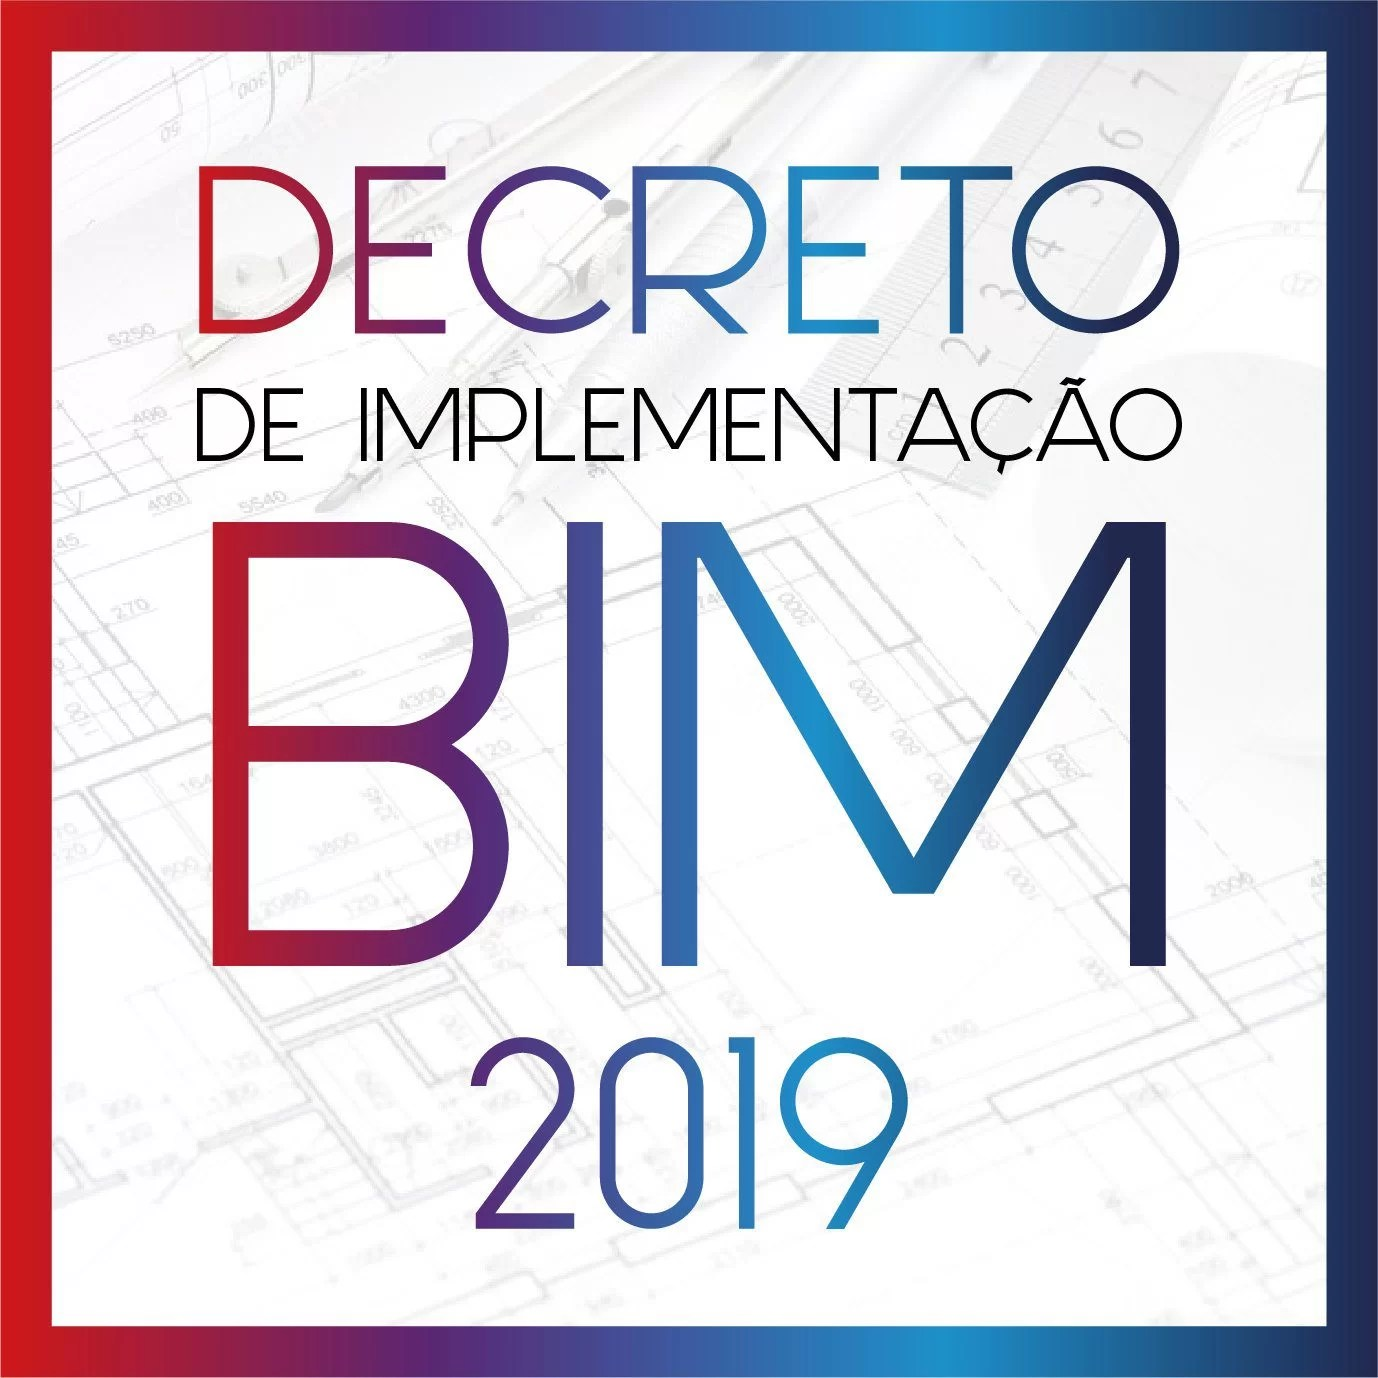 Decreto BIM 2019 Sao Paulo